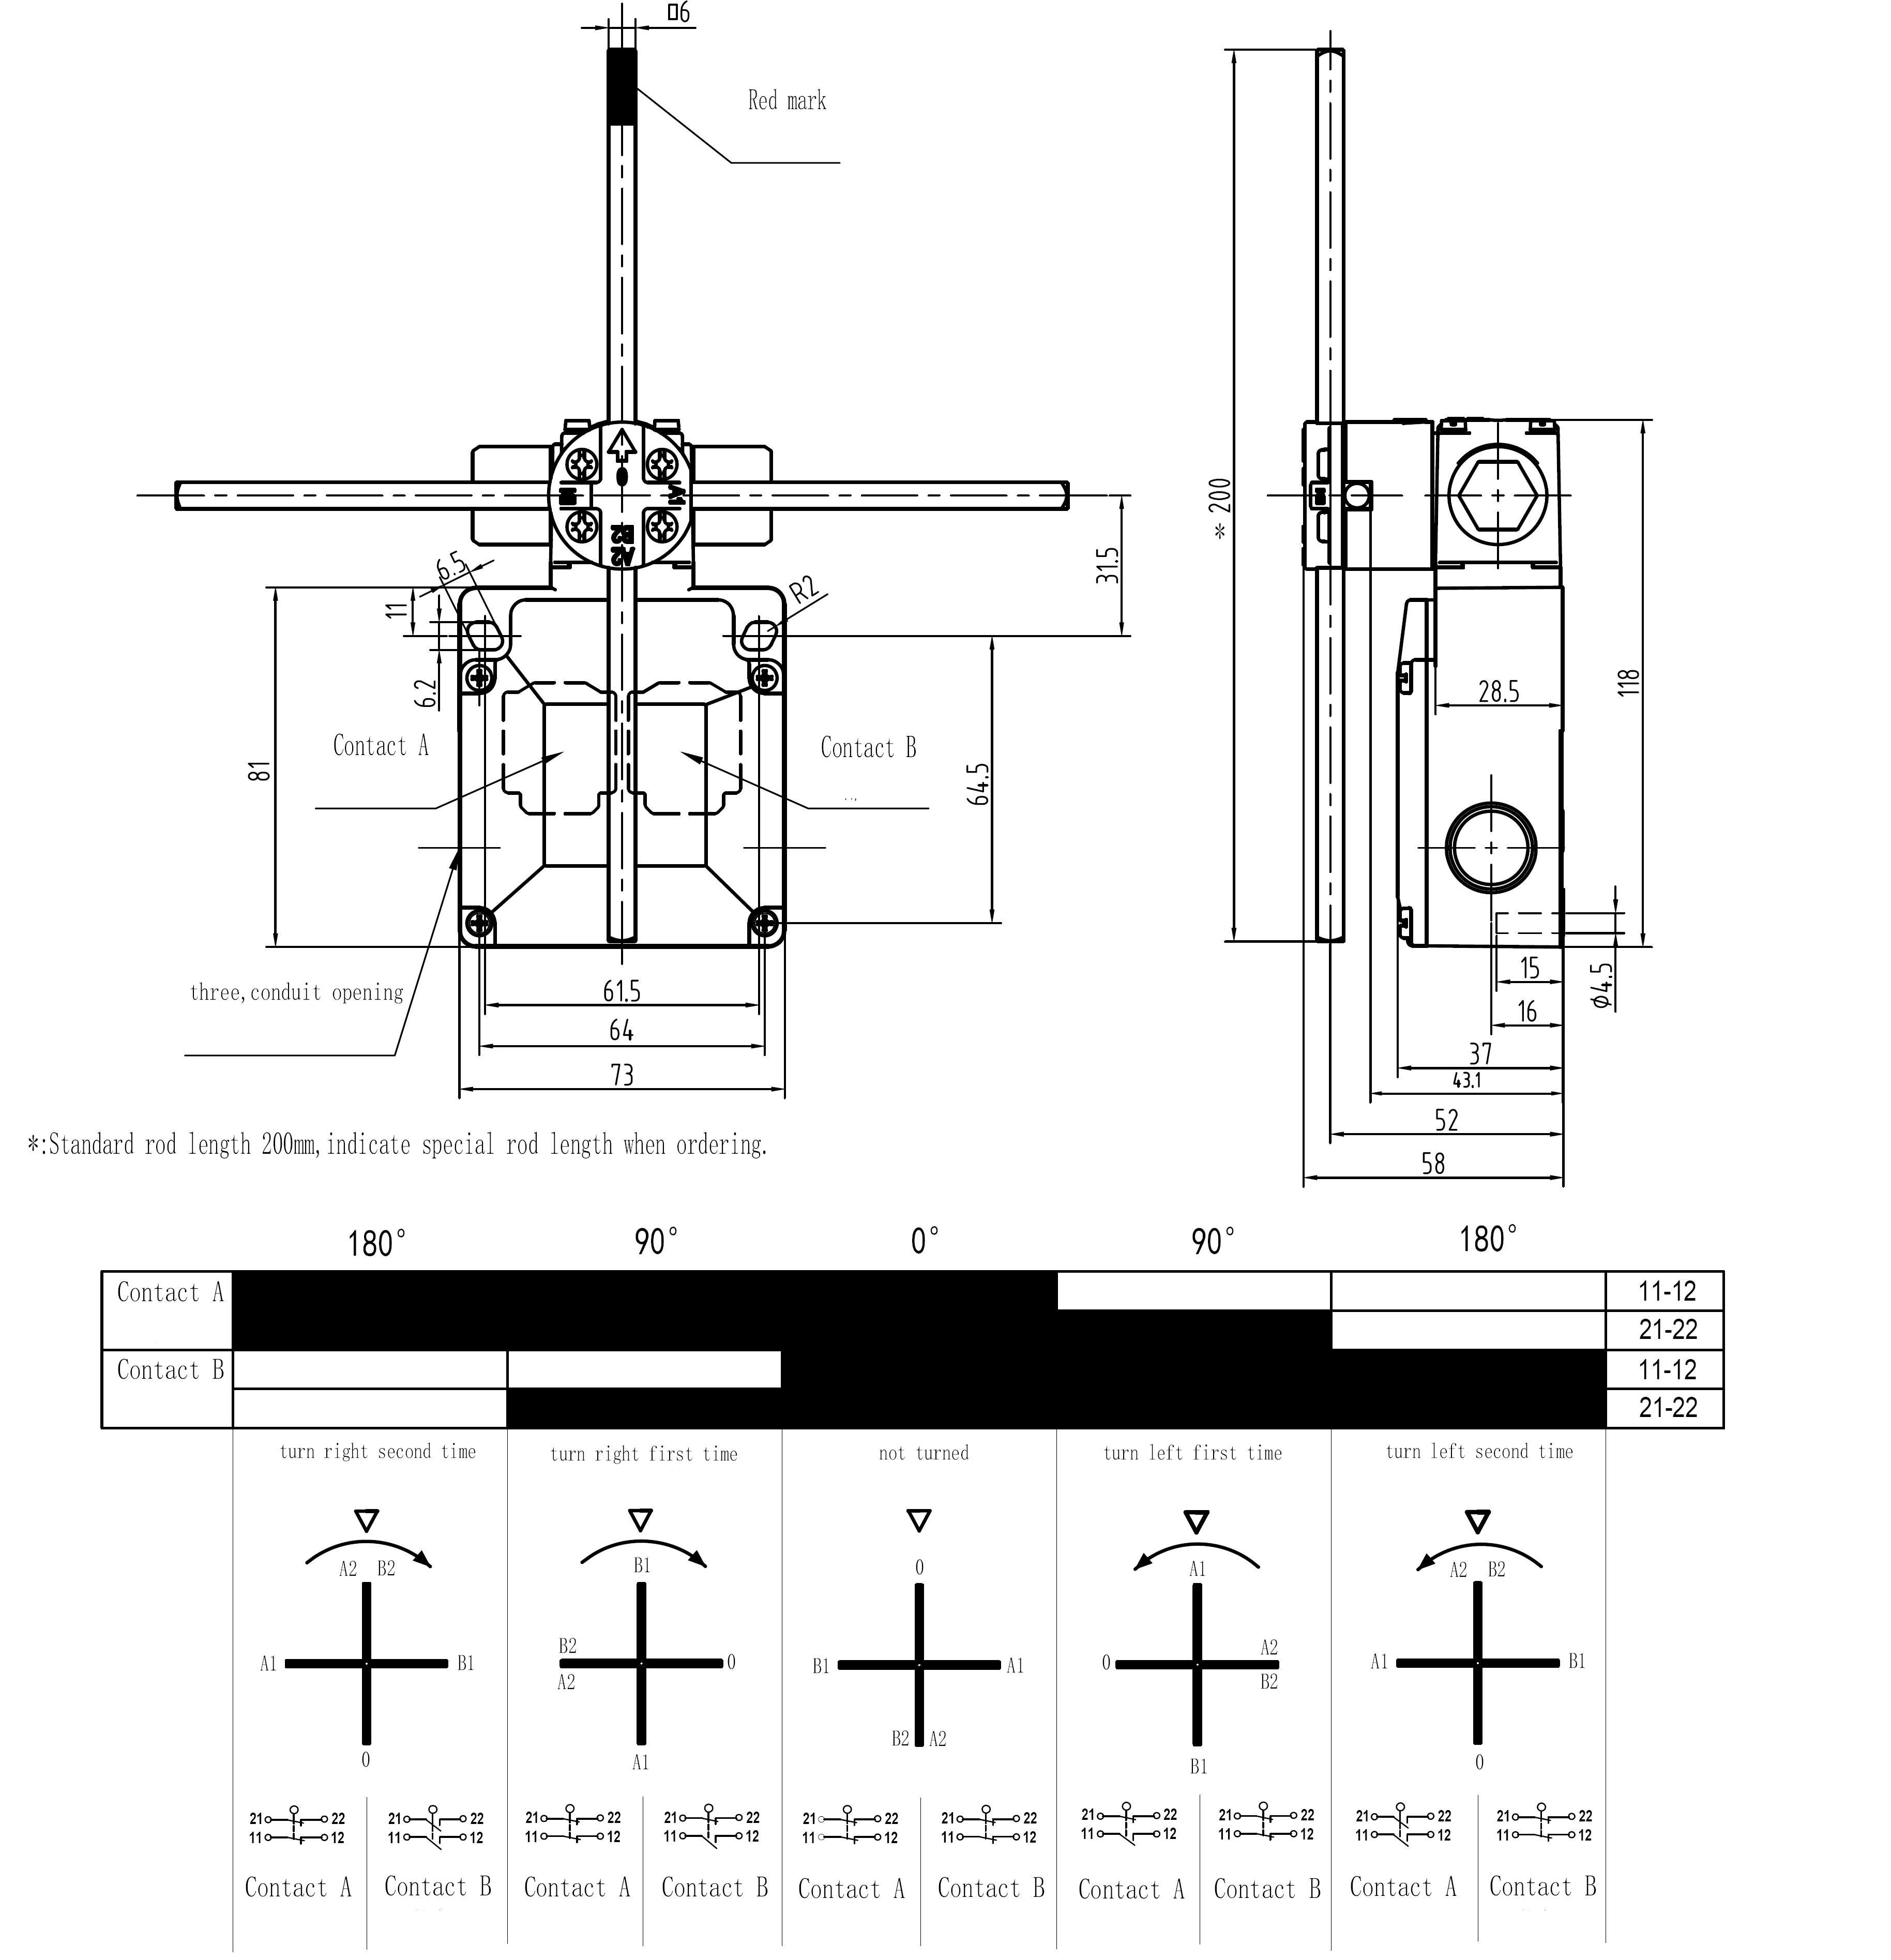 لوحة التحكم بالونش واتصال المكونات الكهربائية